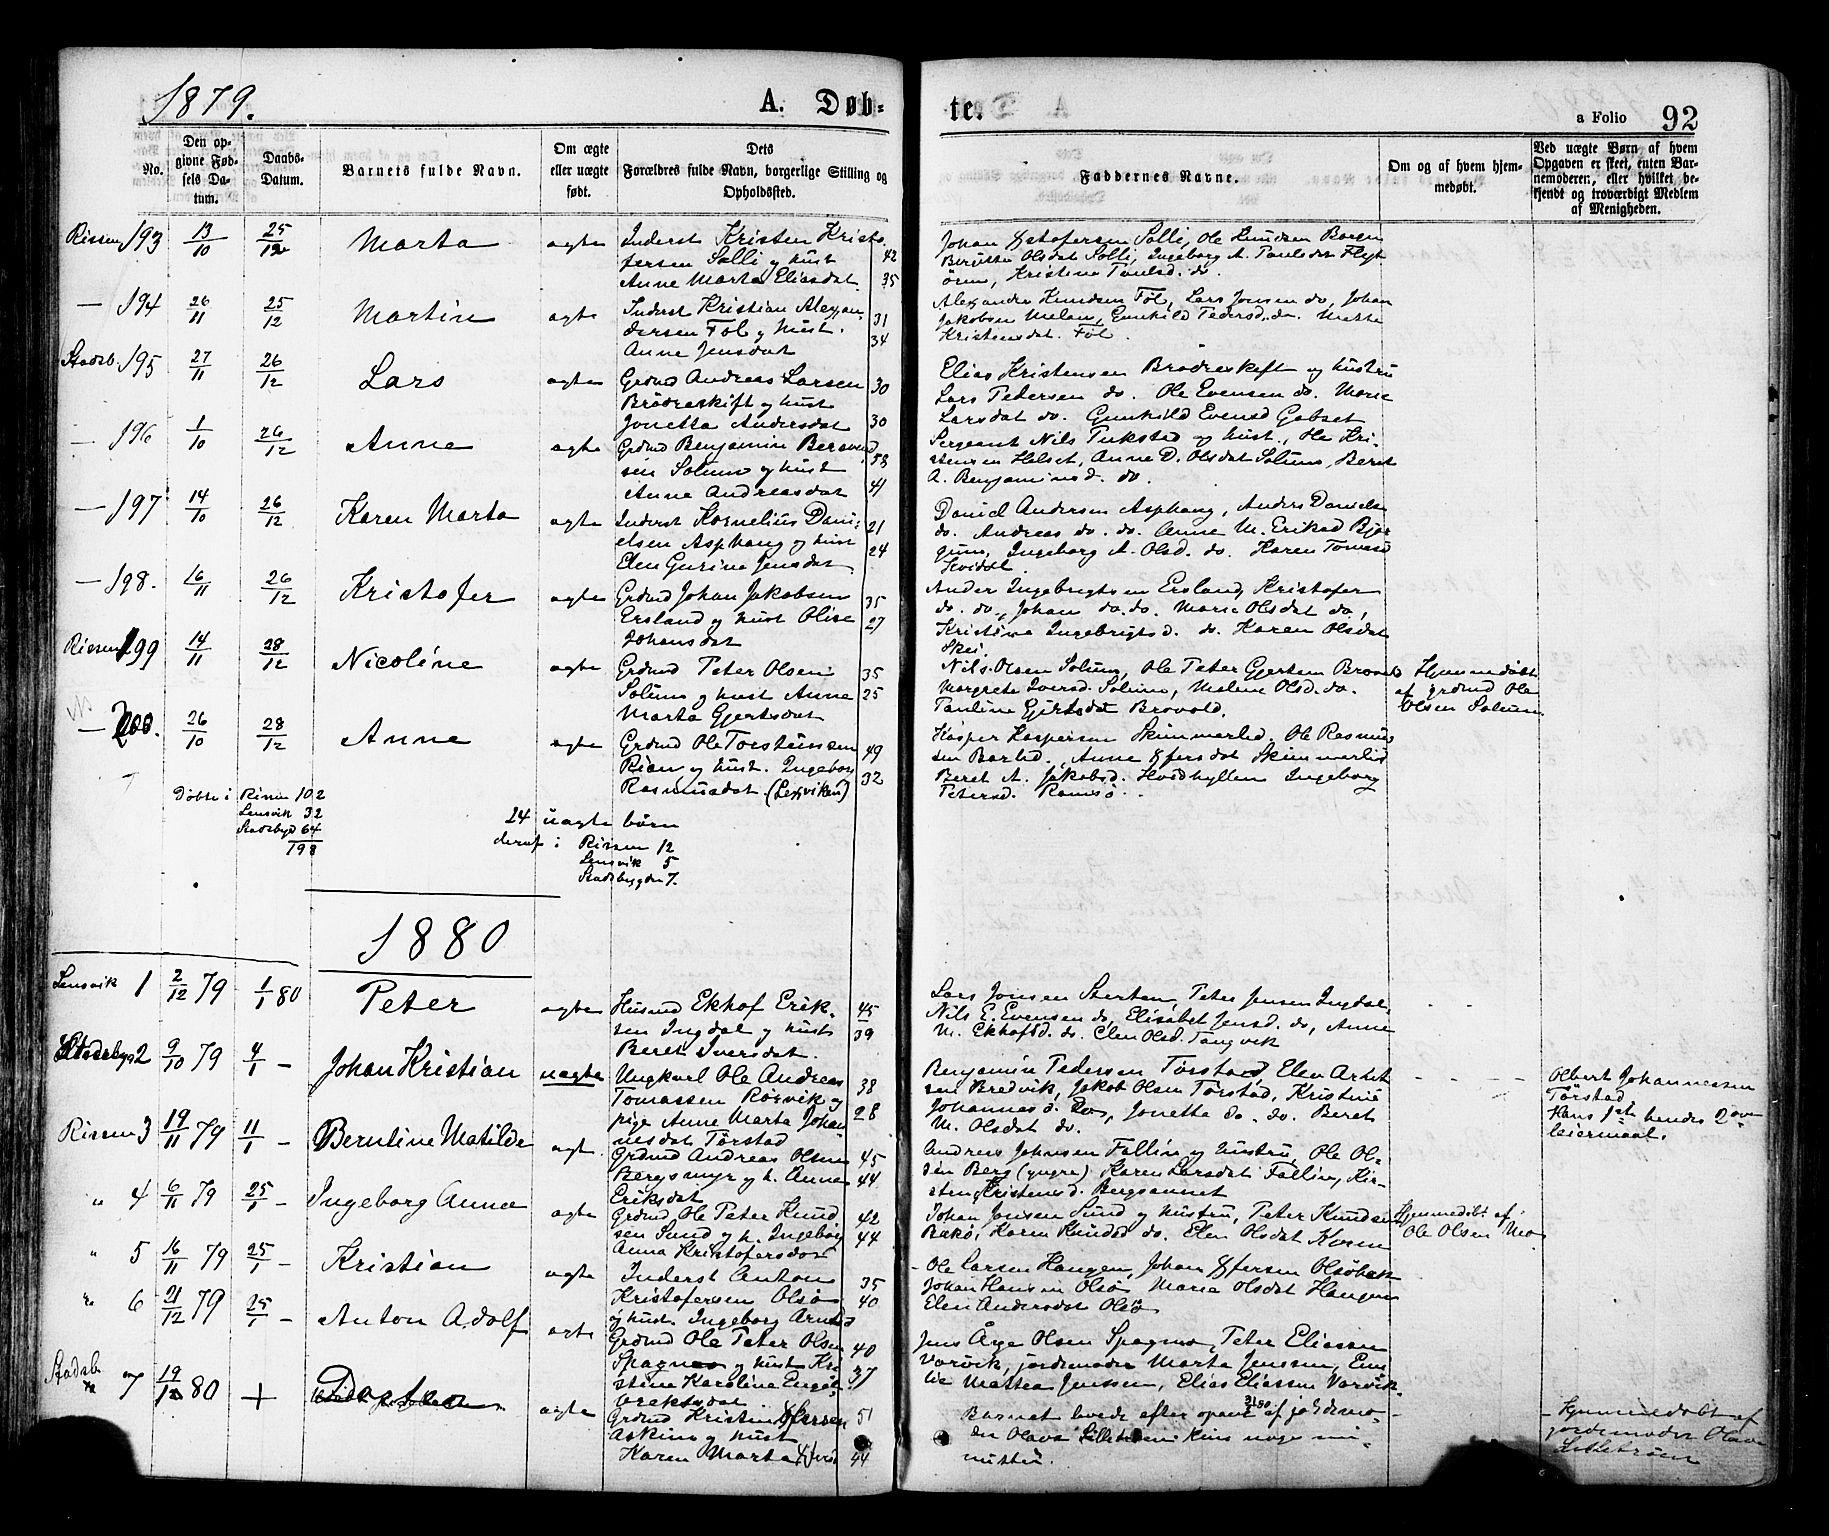 SAT, Ministerialprotokoller, klokkerbøker og fødselsregistre - Sør-Trøndelag, 646/L0613: Ministerialbok nr. 646A11, 1870-1884, s. 92